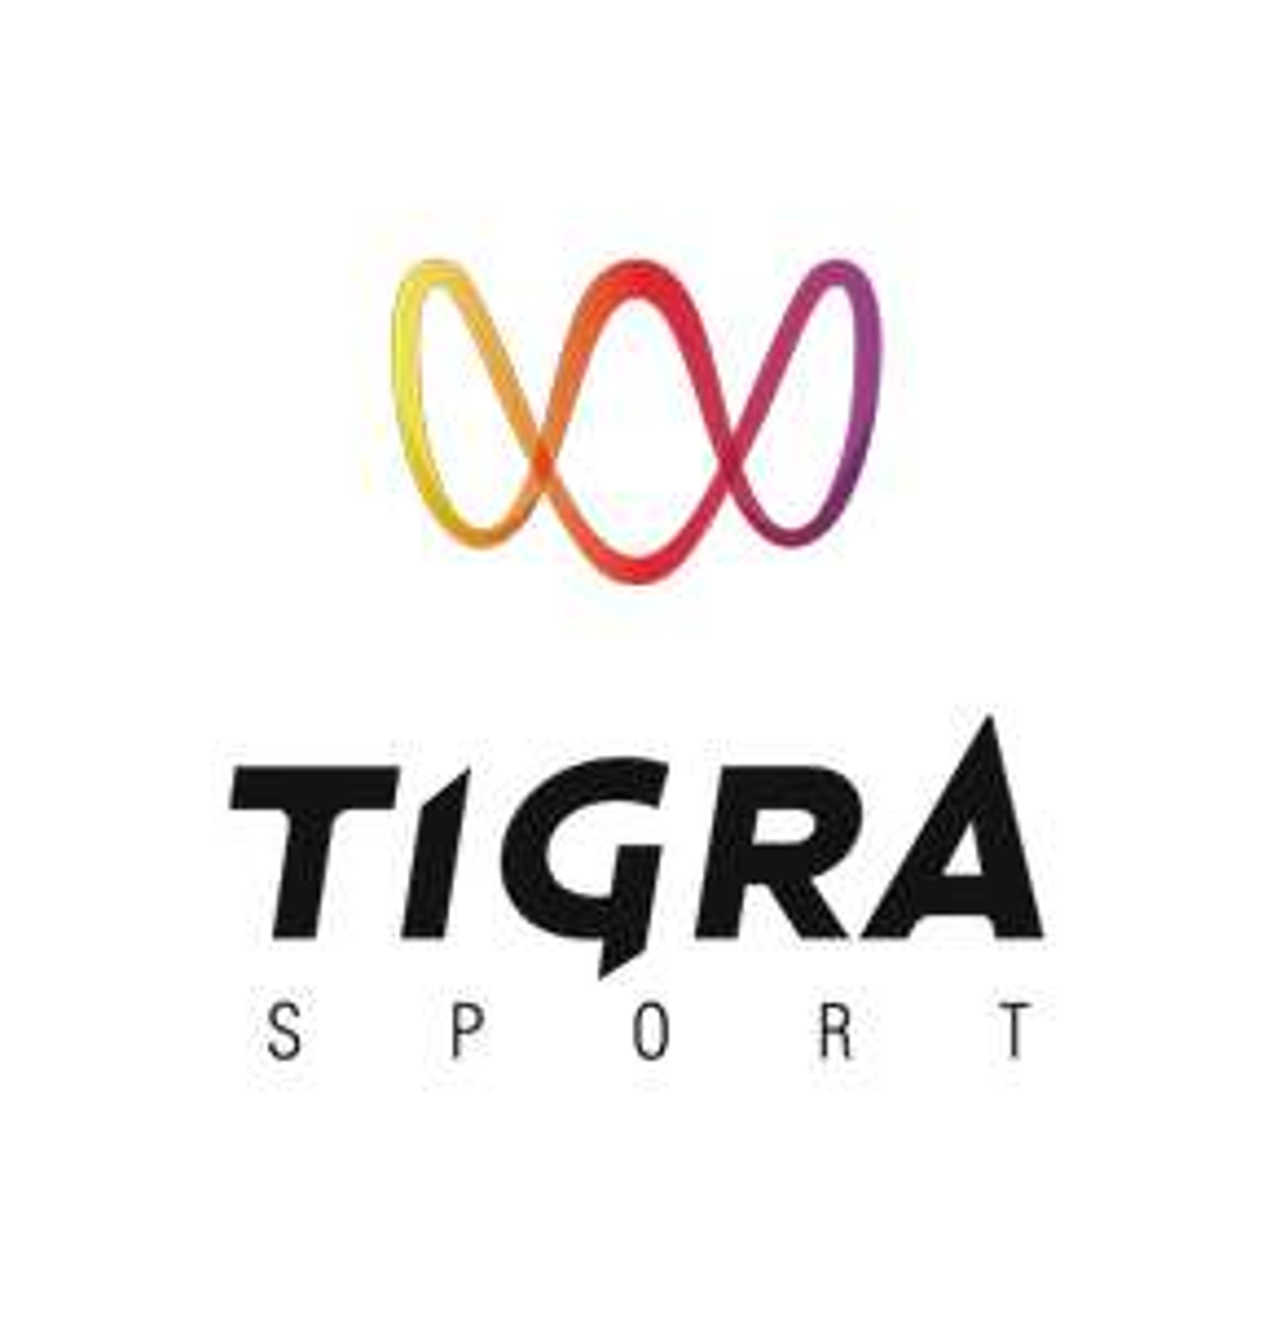 30% de réduction sur tout le site (tigrasporteurope.com)